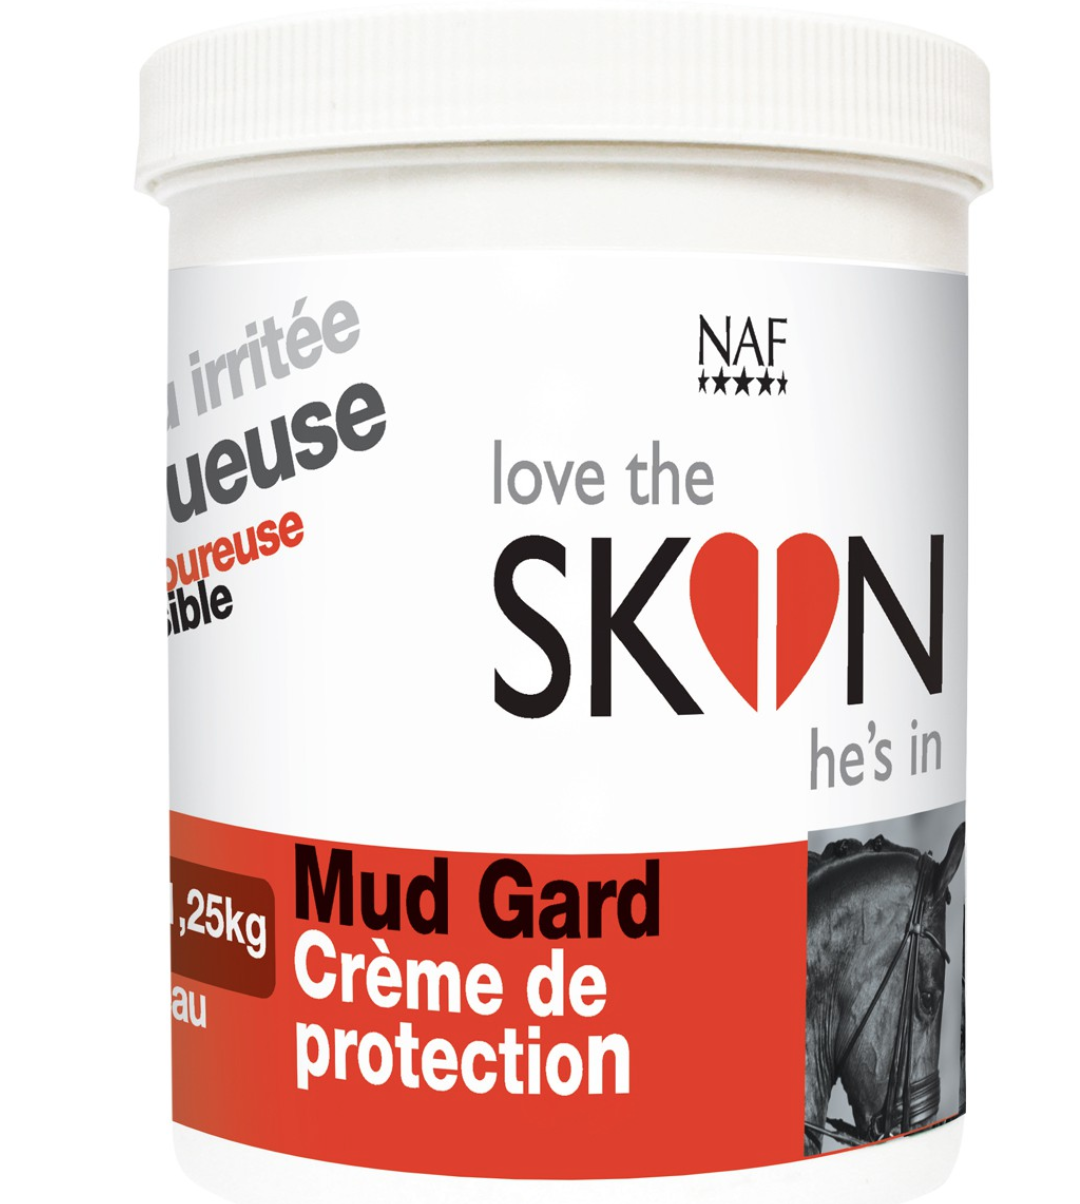 NAF – Mud Gard crème protectrice 1,25 kg